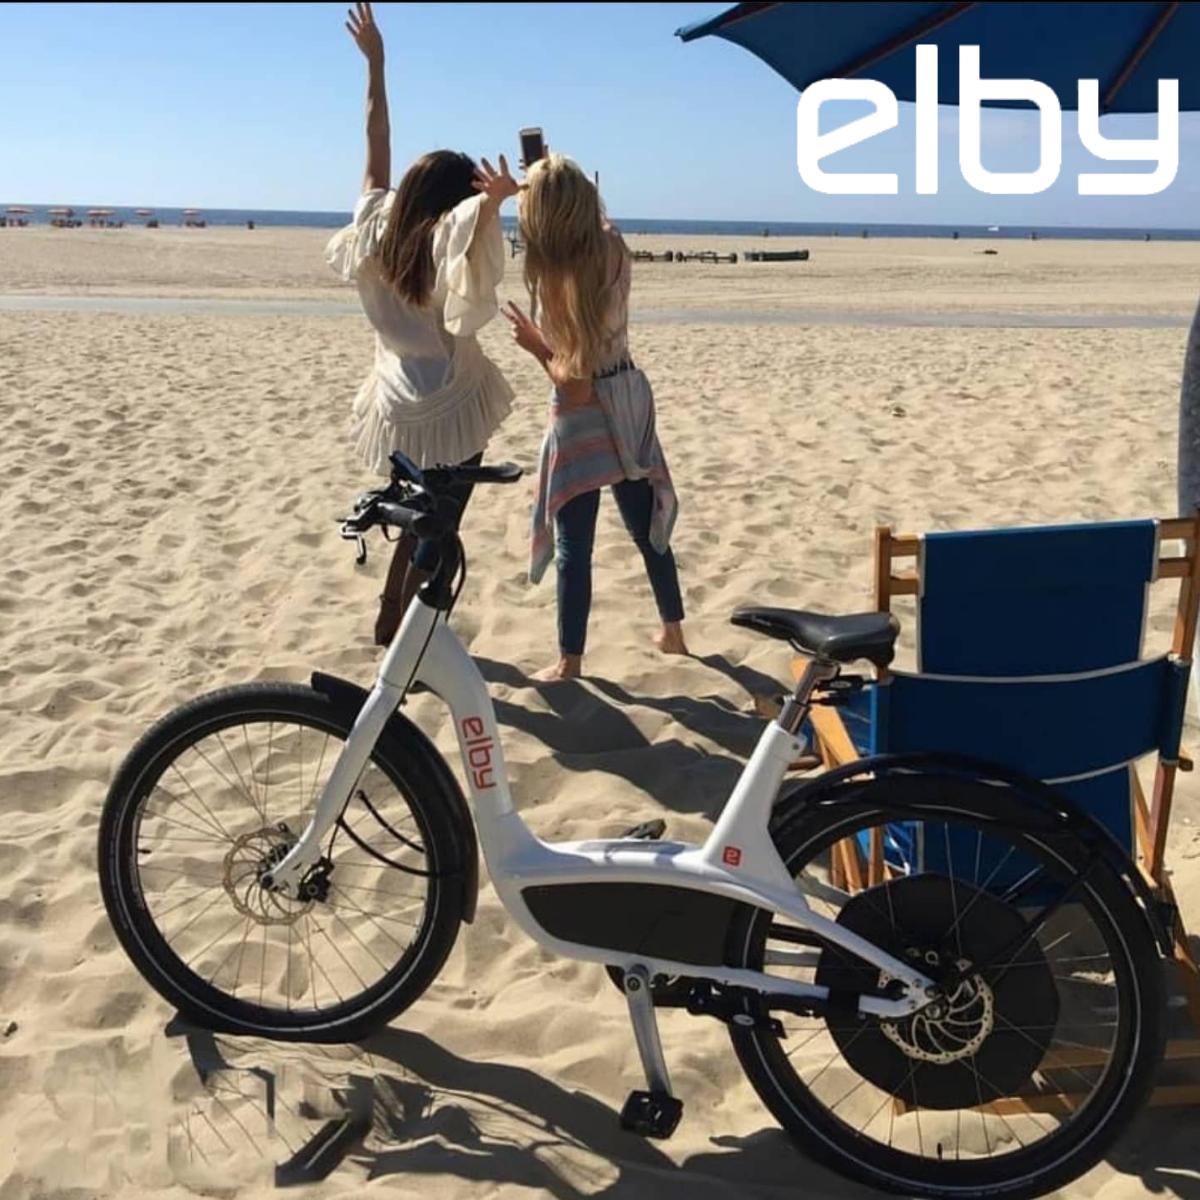 Elby Bikes